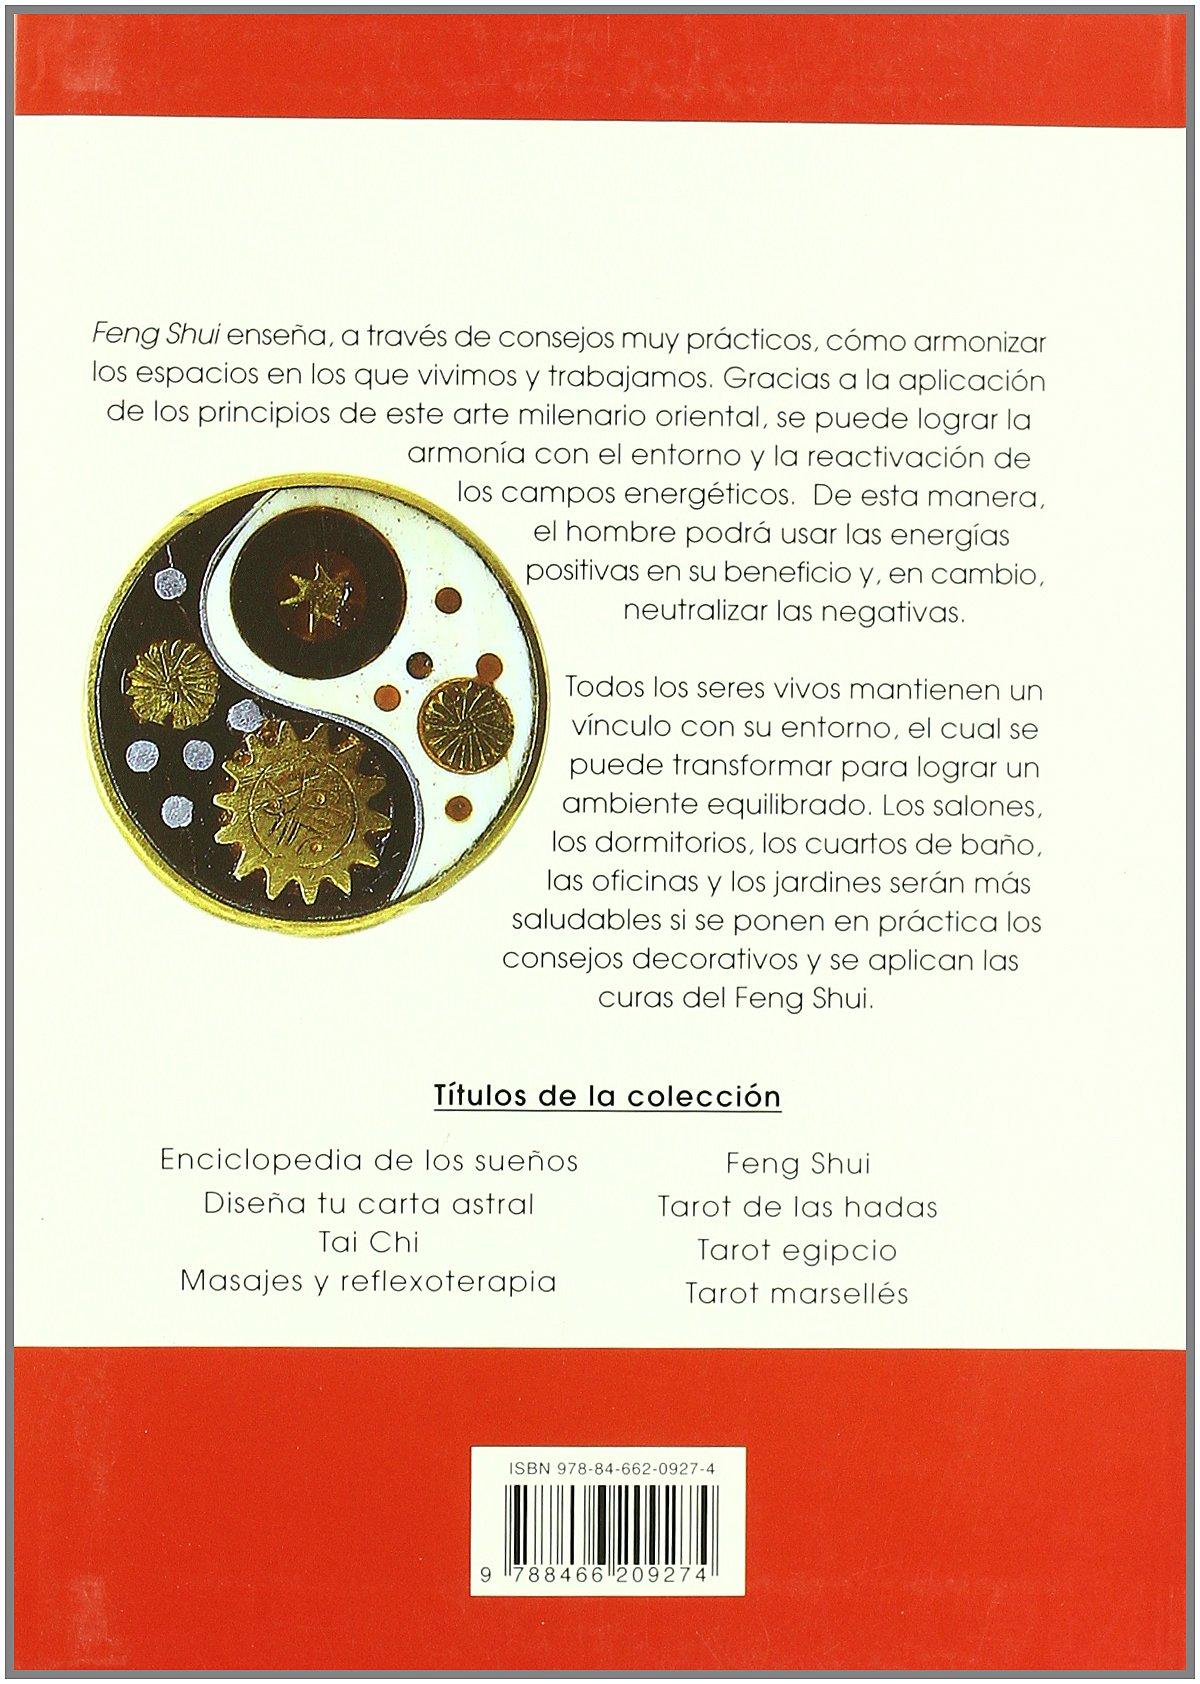 Feng shui (Técnicas Milenarias, Band 1): Amazon.de: Lucrecia Persilo ...